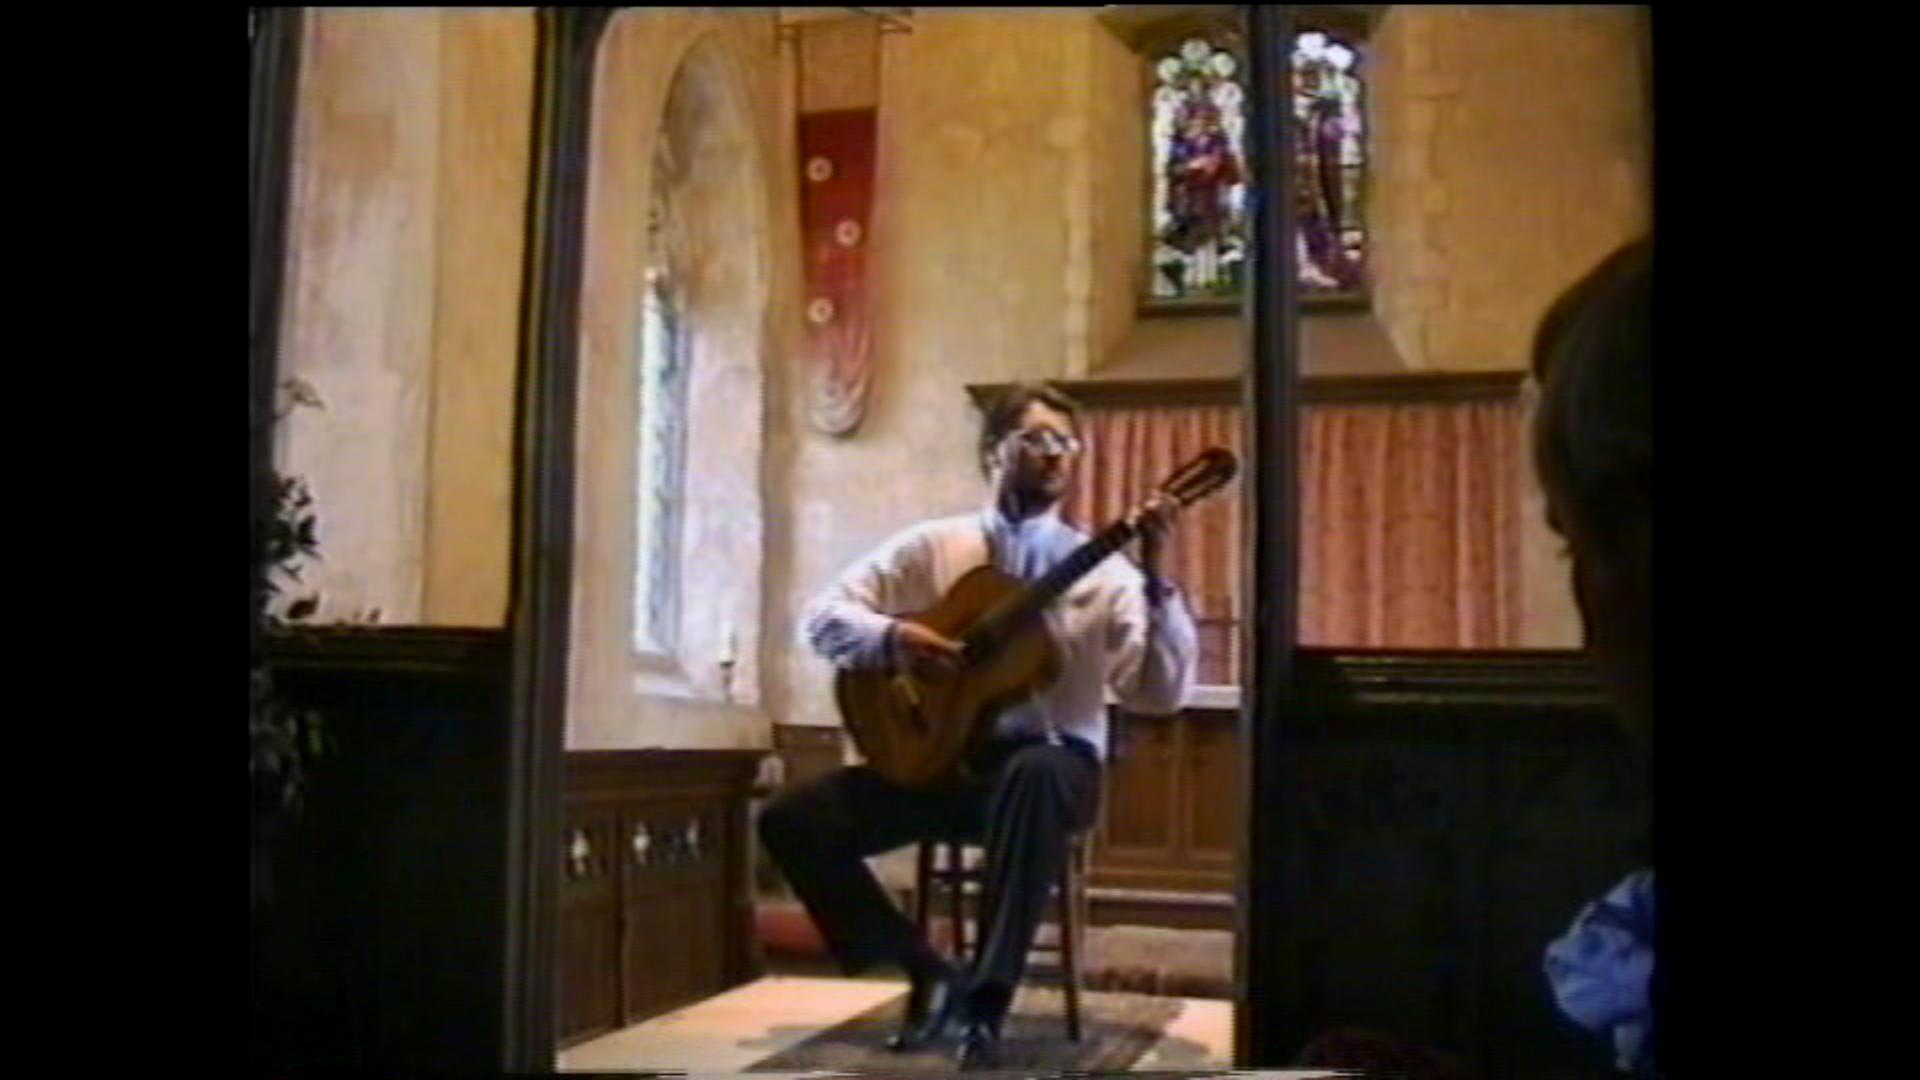 Recital in England, UK, 1997.